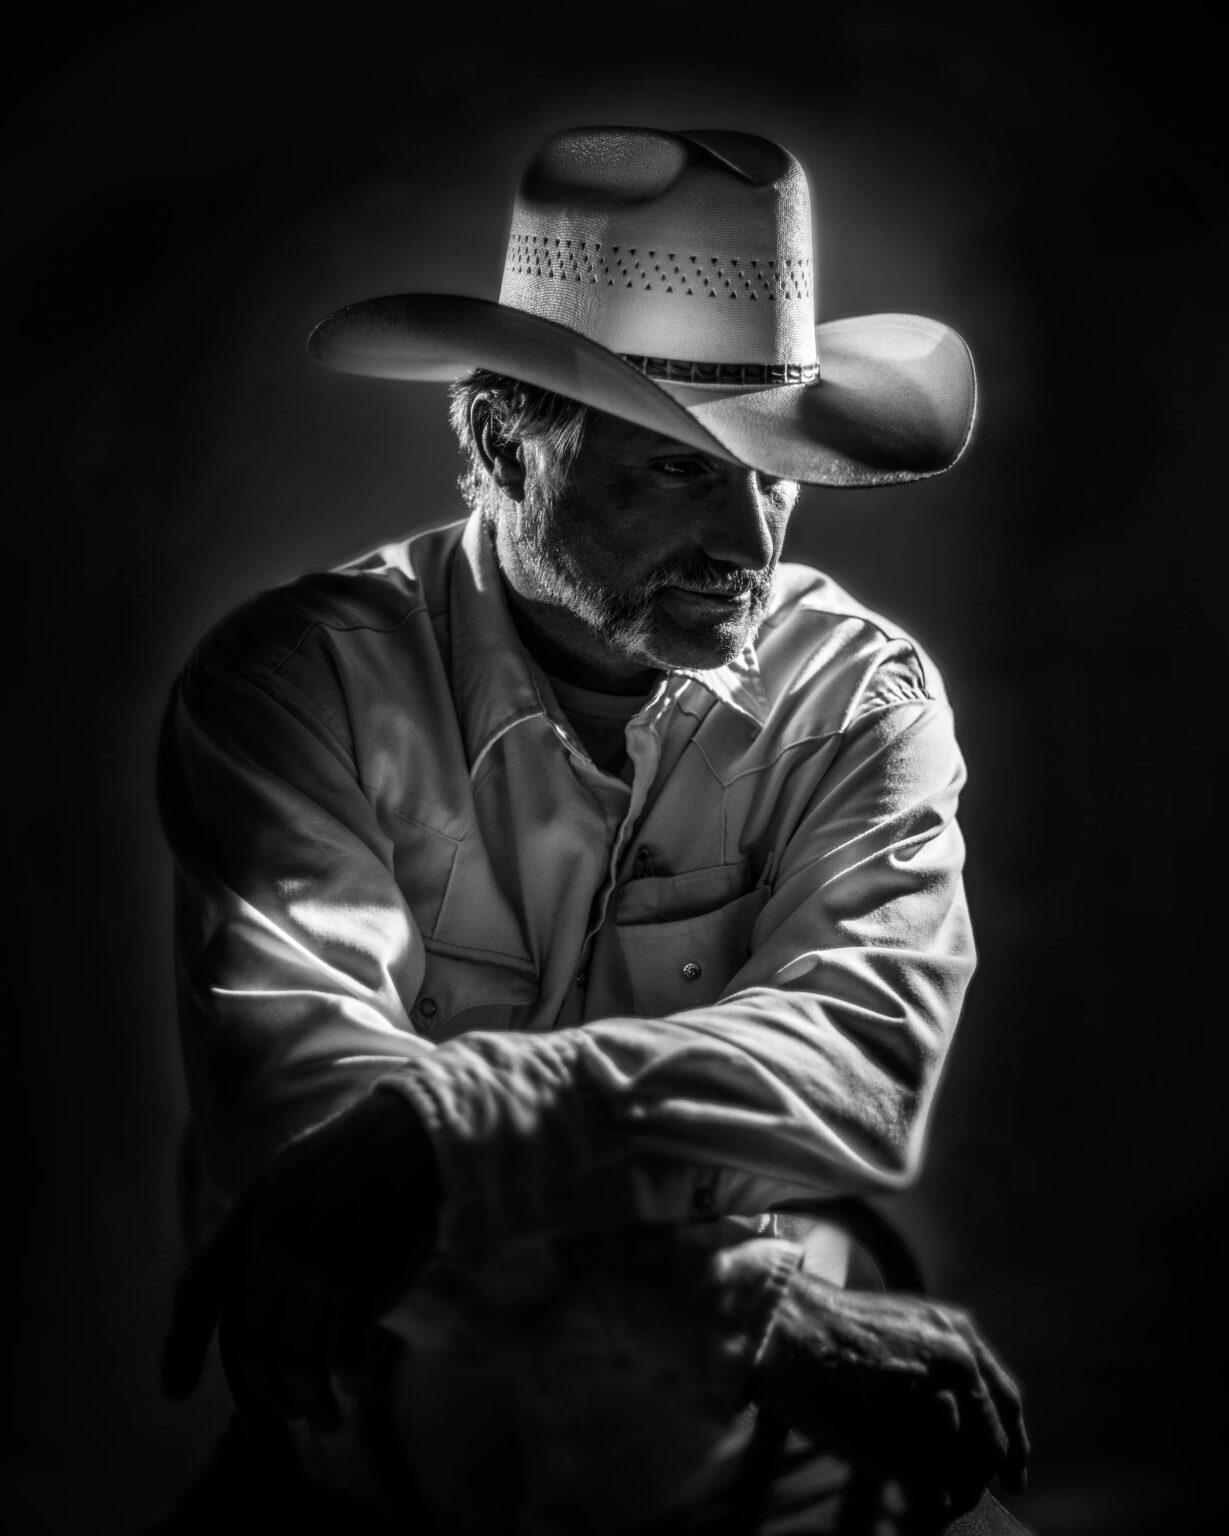 tomcowboy.jpg